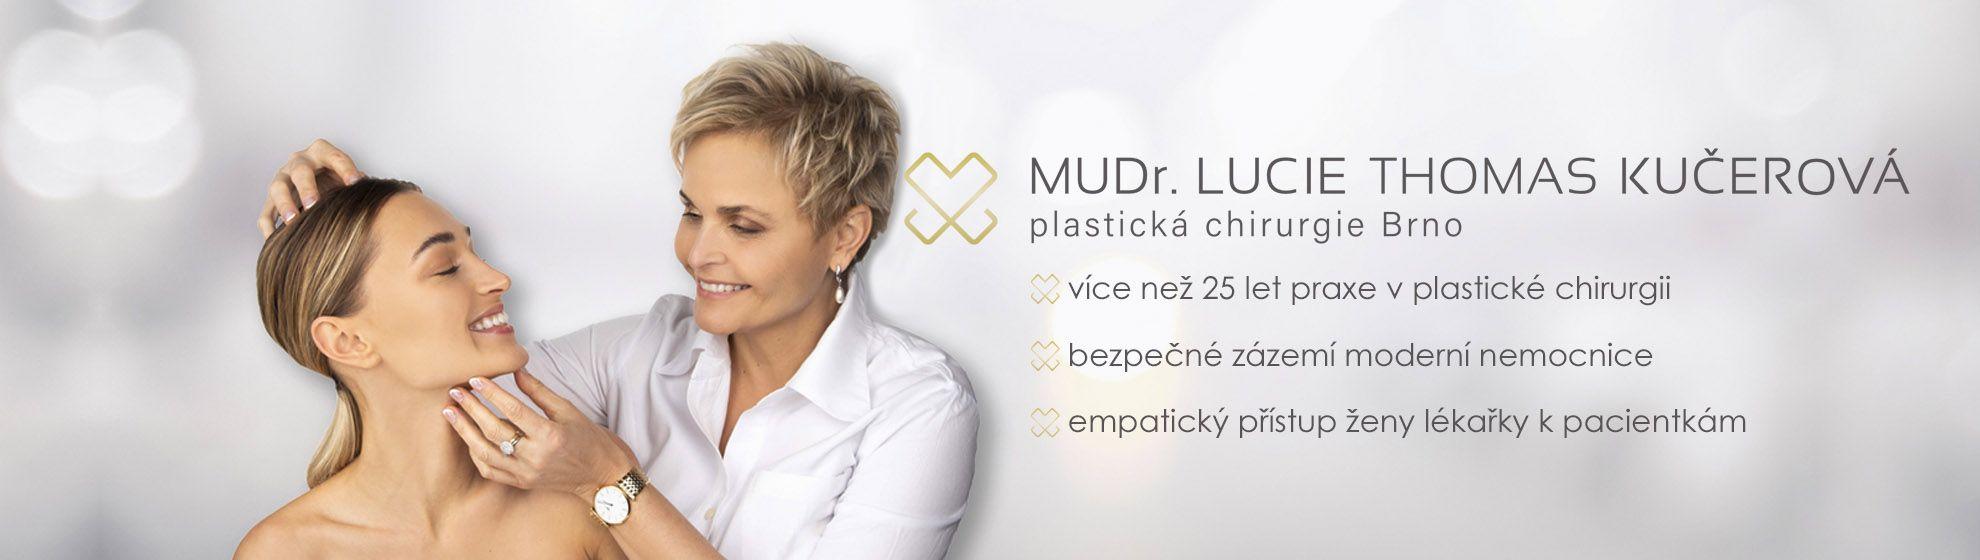 MUDr. Lucie Thomas Kučerová